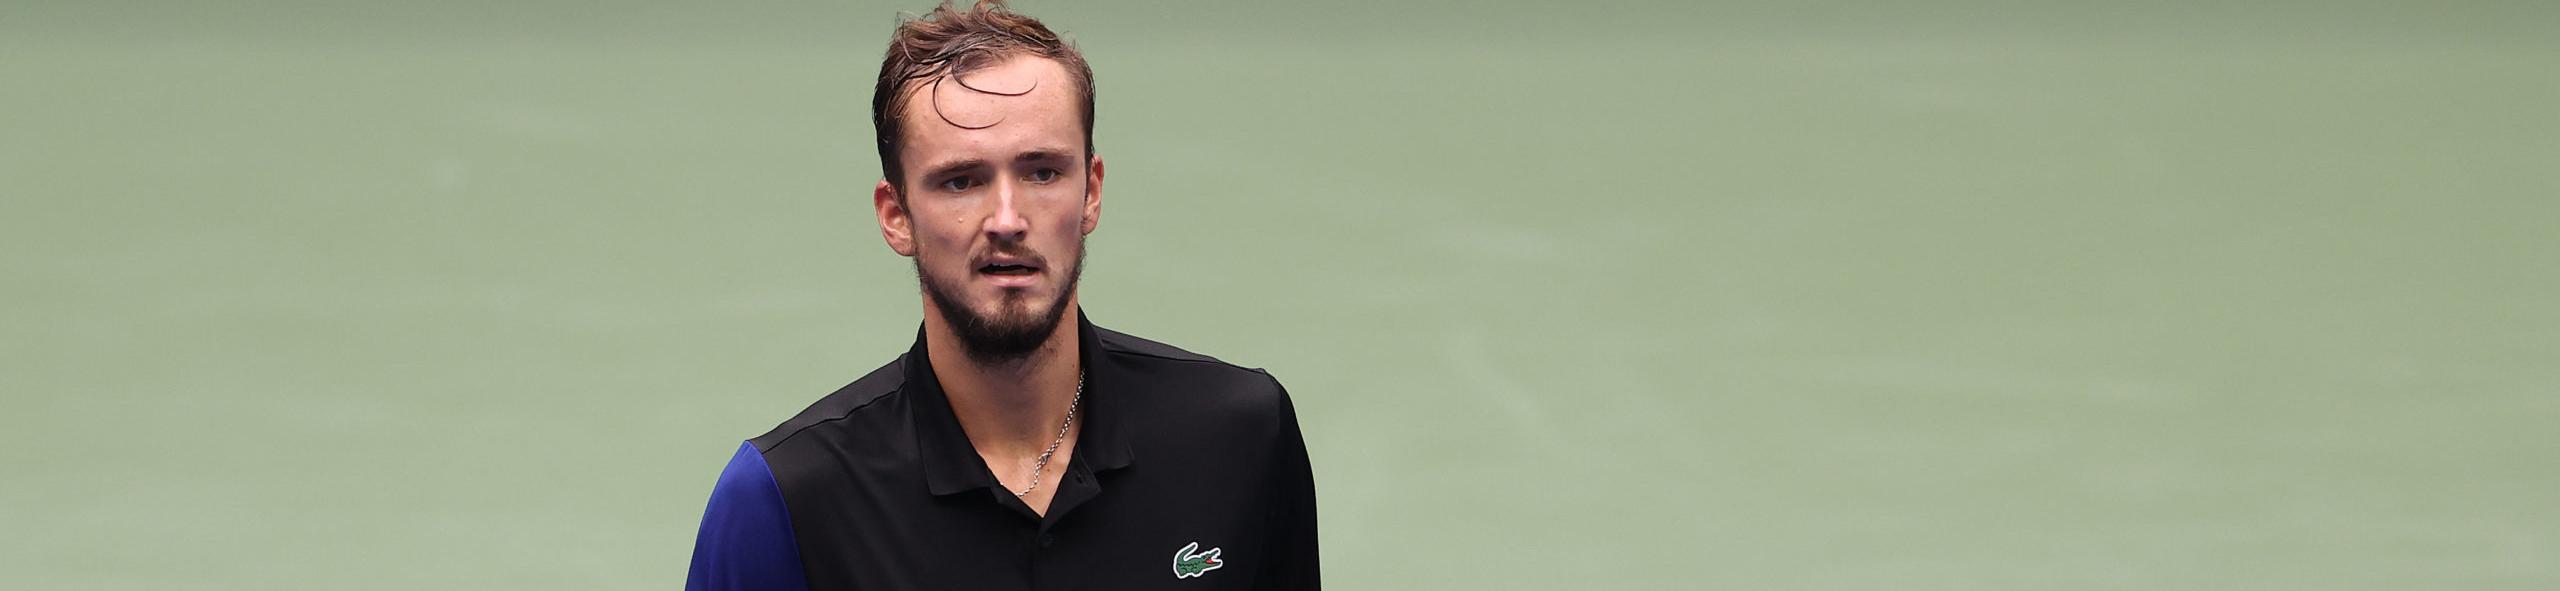 Pronostici US Open, le semifinali maschili promettono record: quote e consigli per le partite di oggi